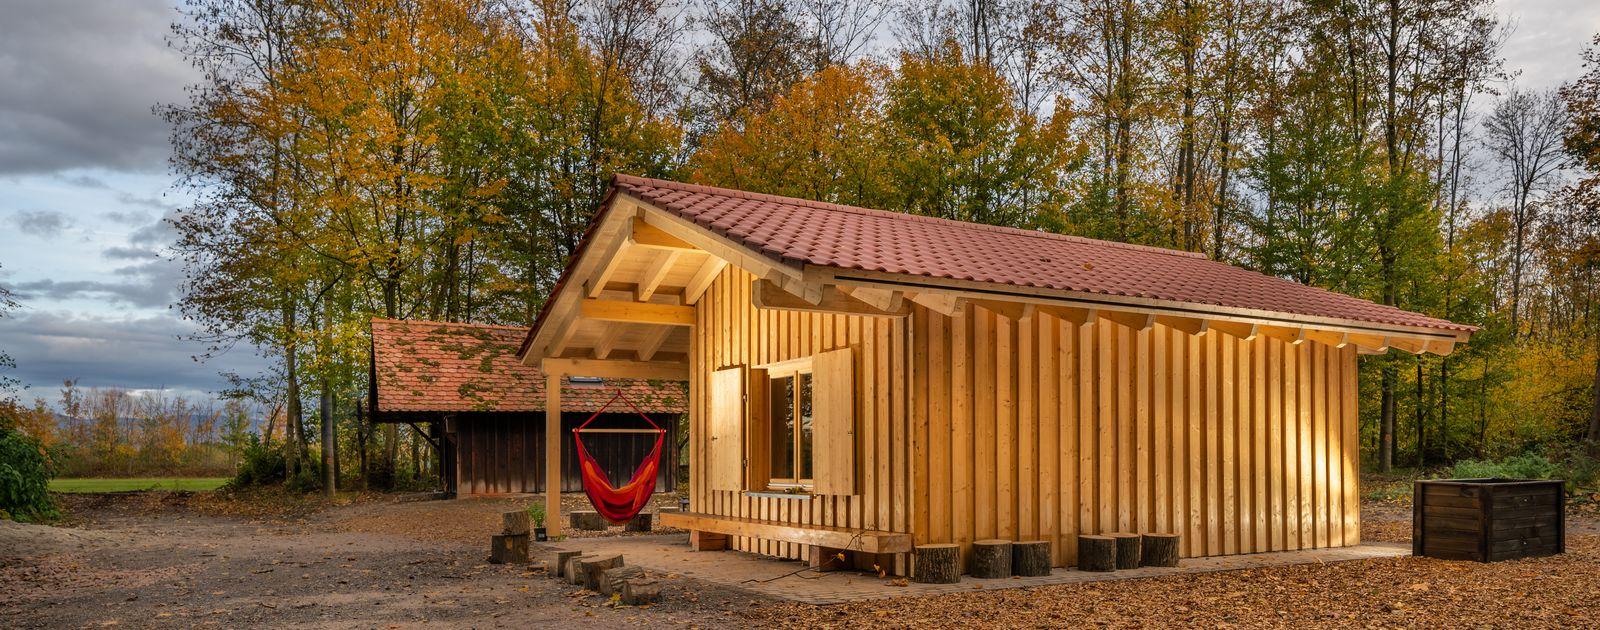 Holzhütte im Wald - Waldkindergarten